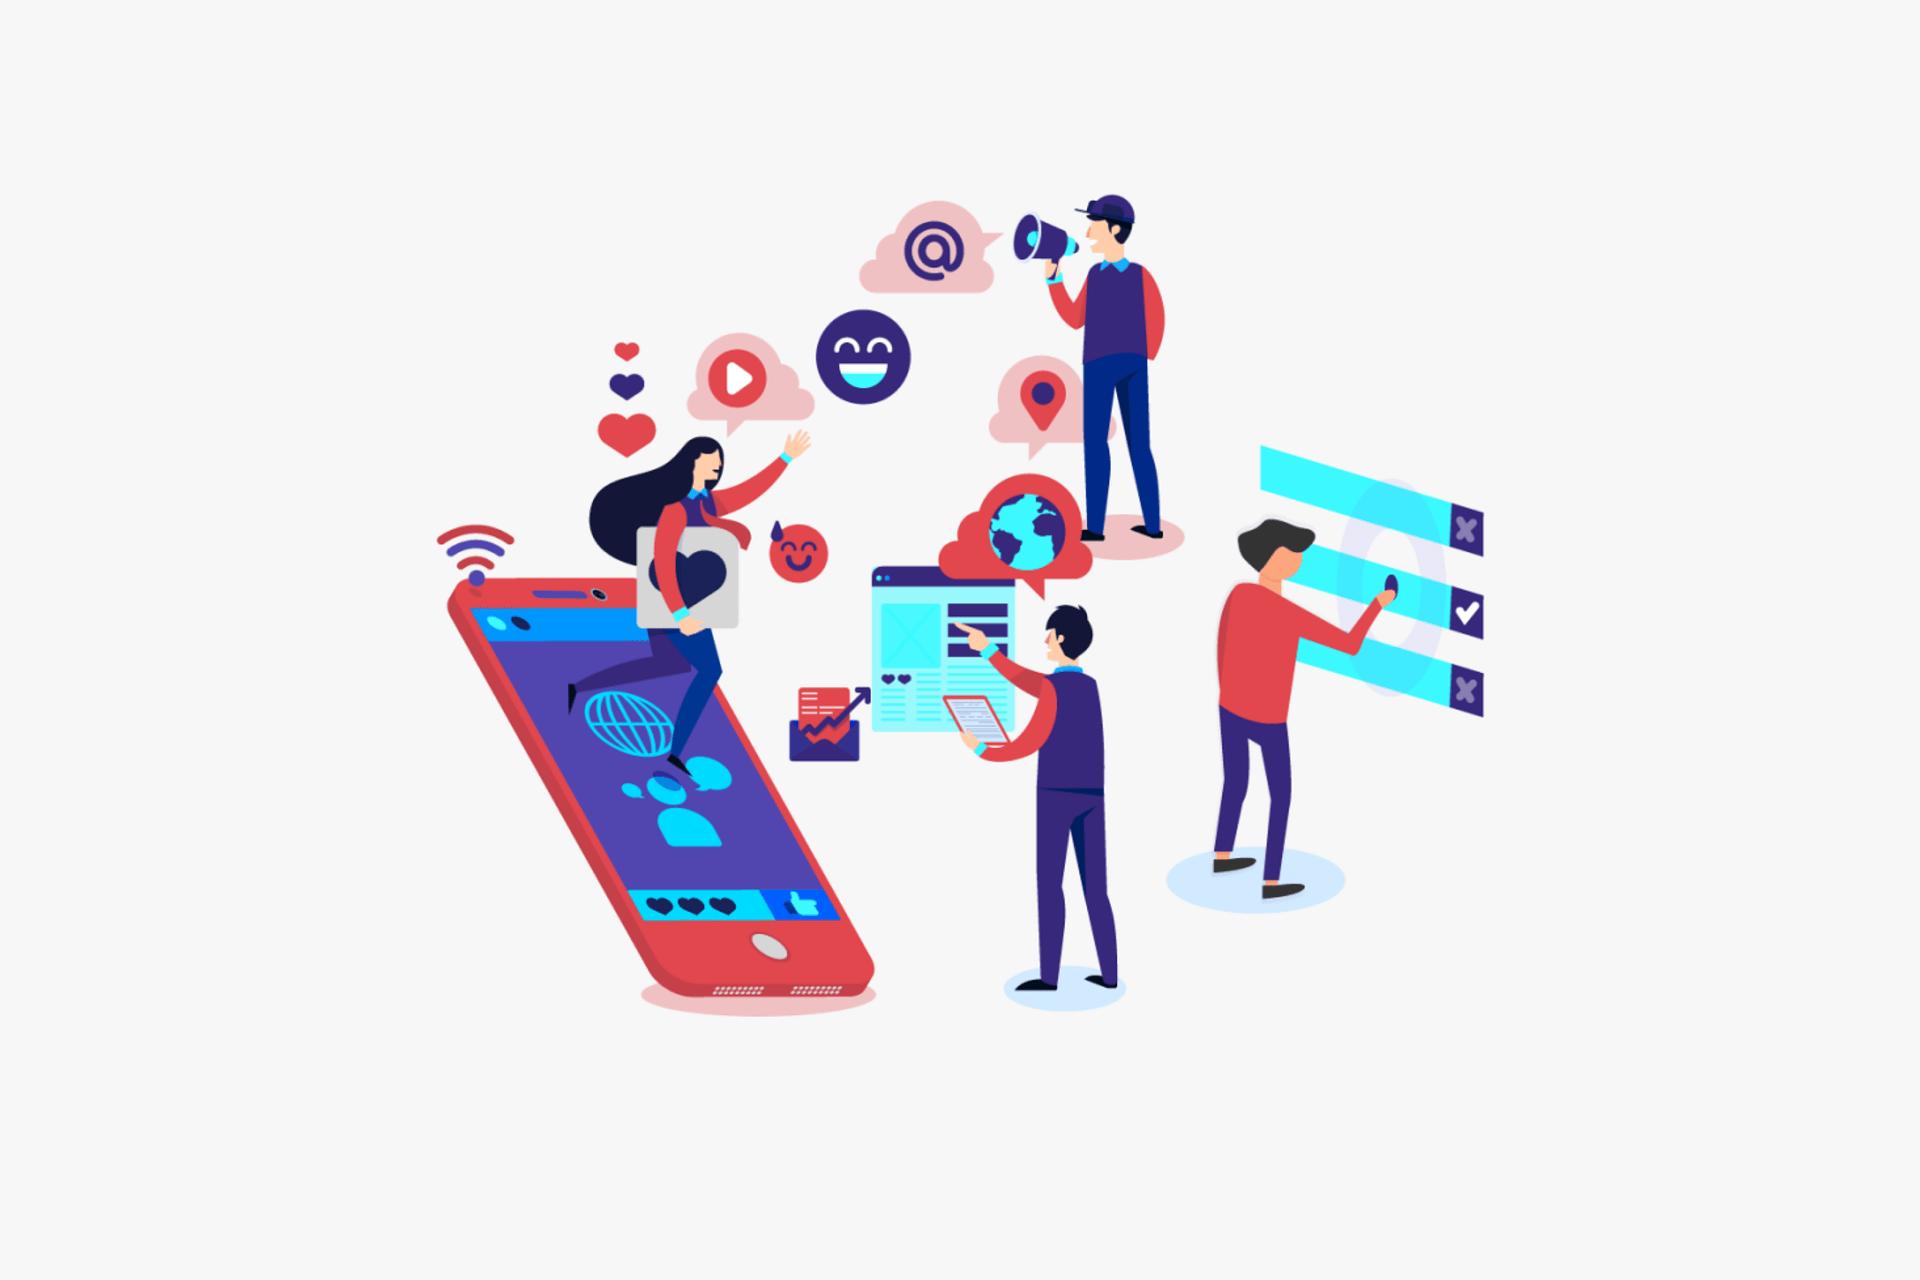 Digital Marketing basics, online media